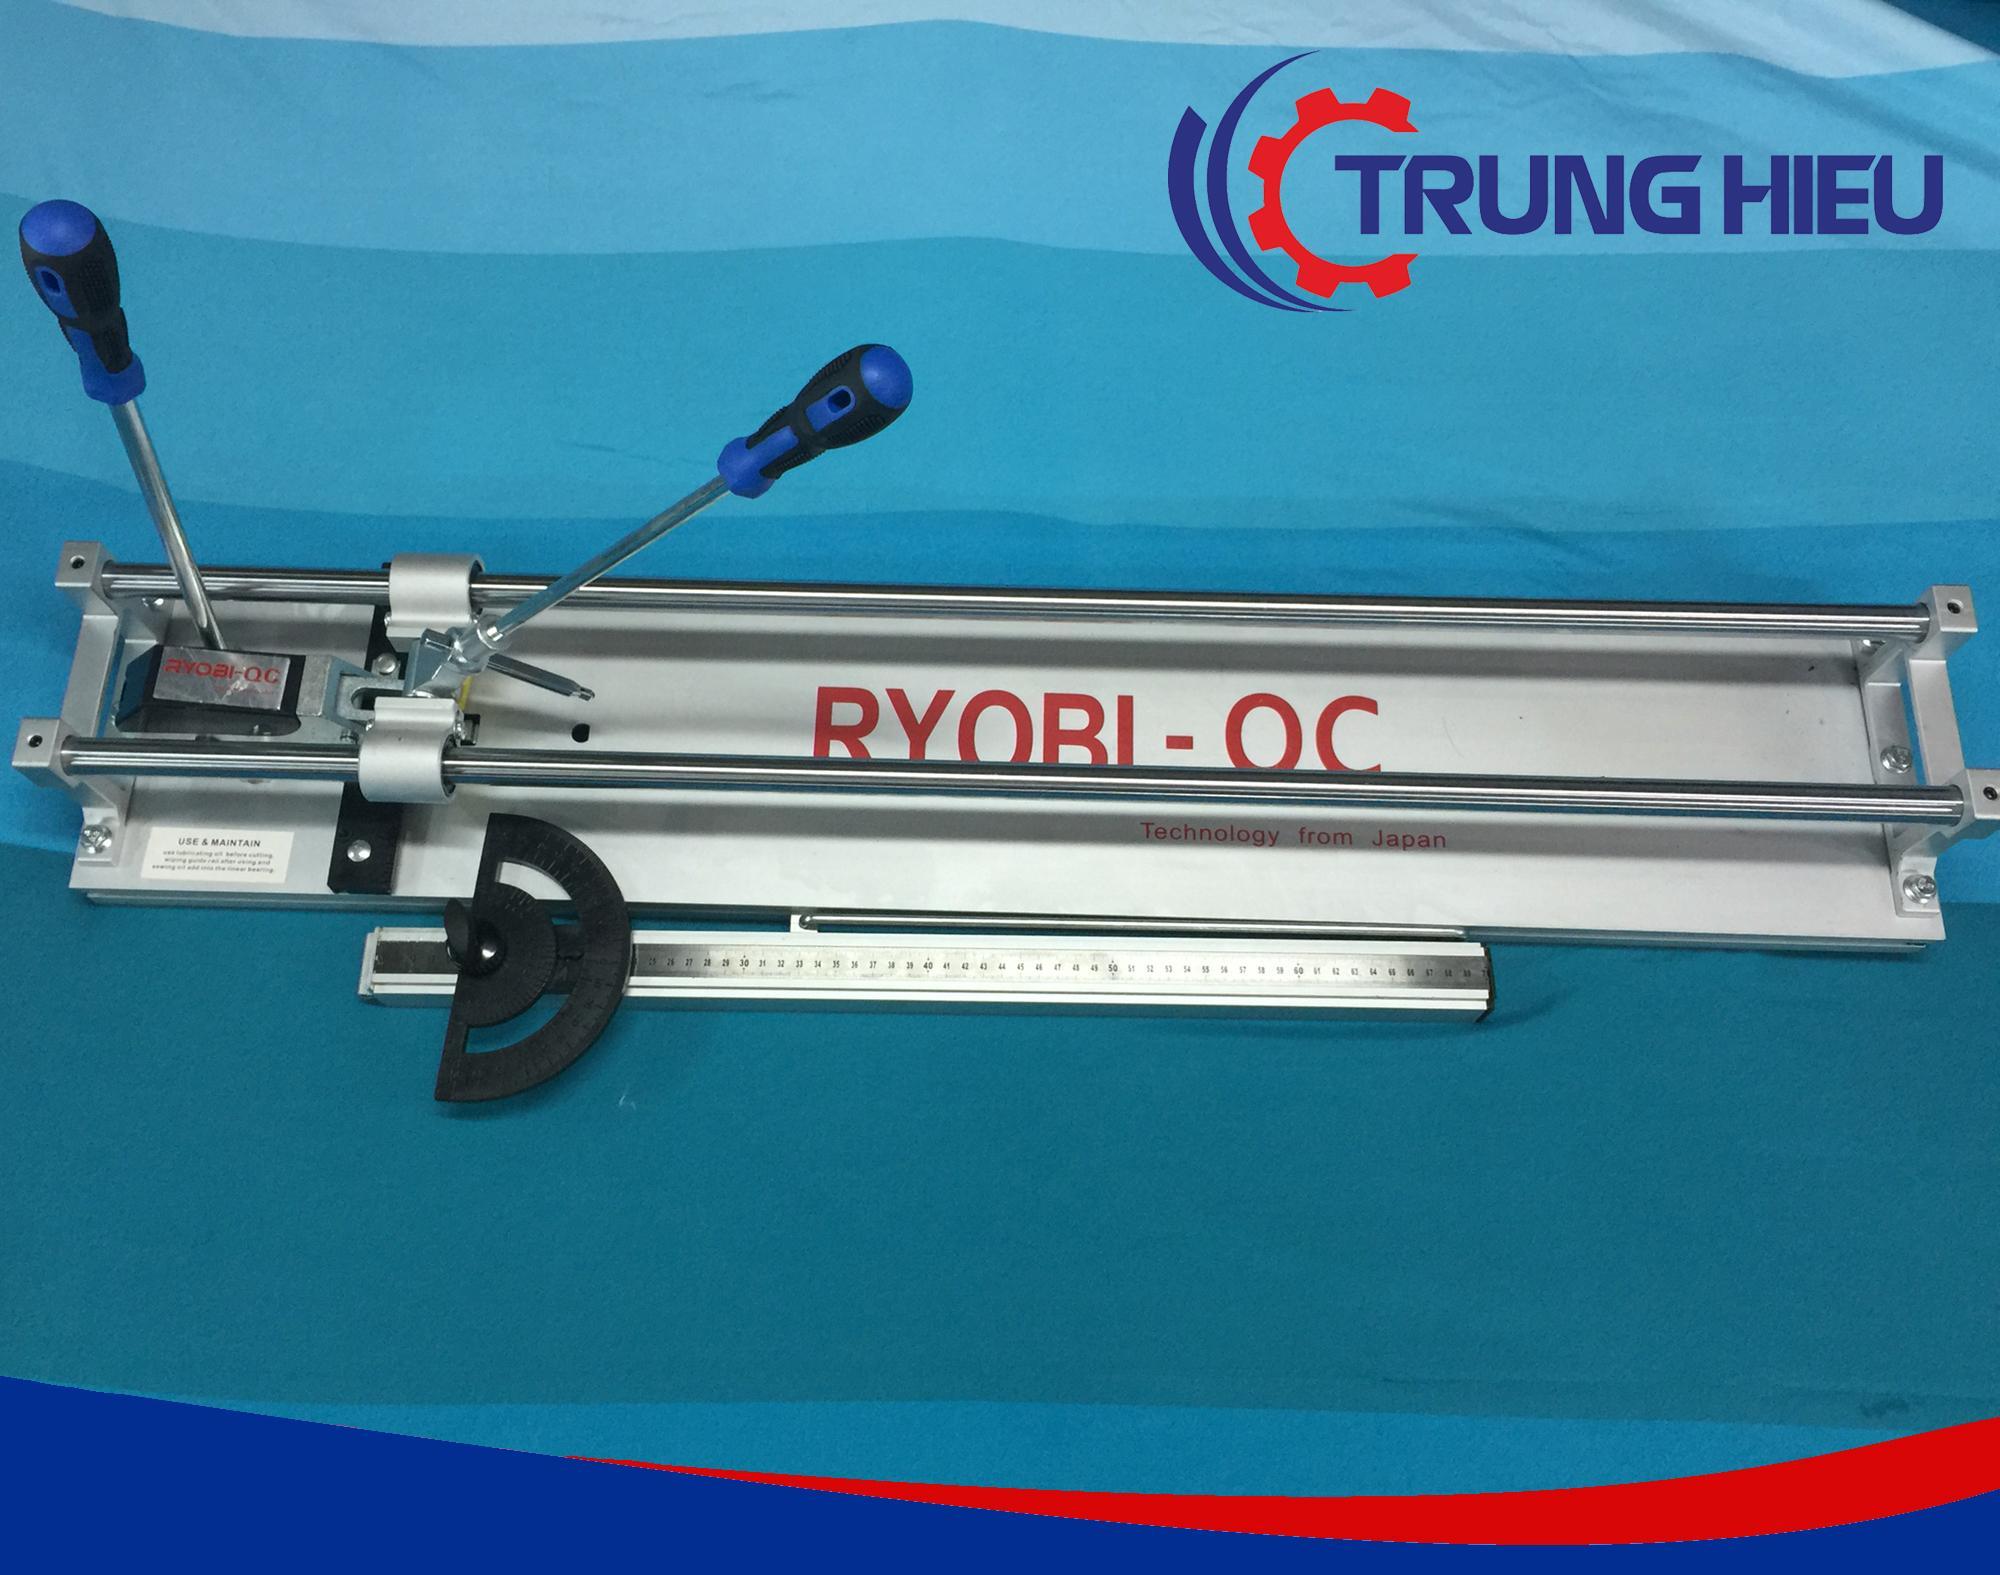 Bàn cắt gạch đẩy RYOBI-QC 600mm